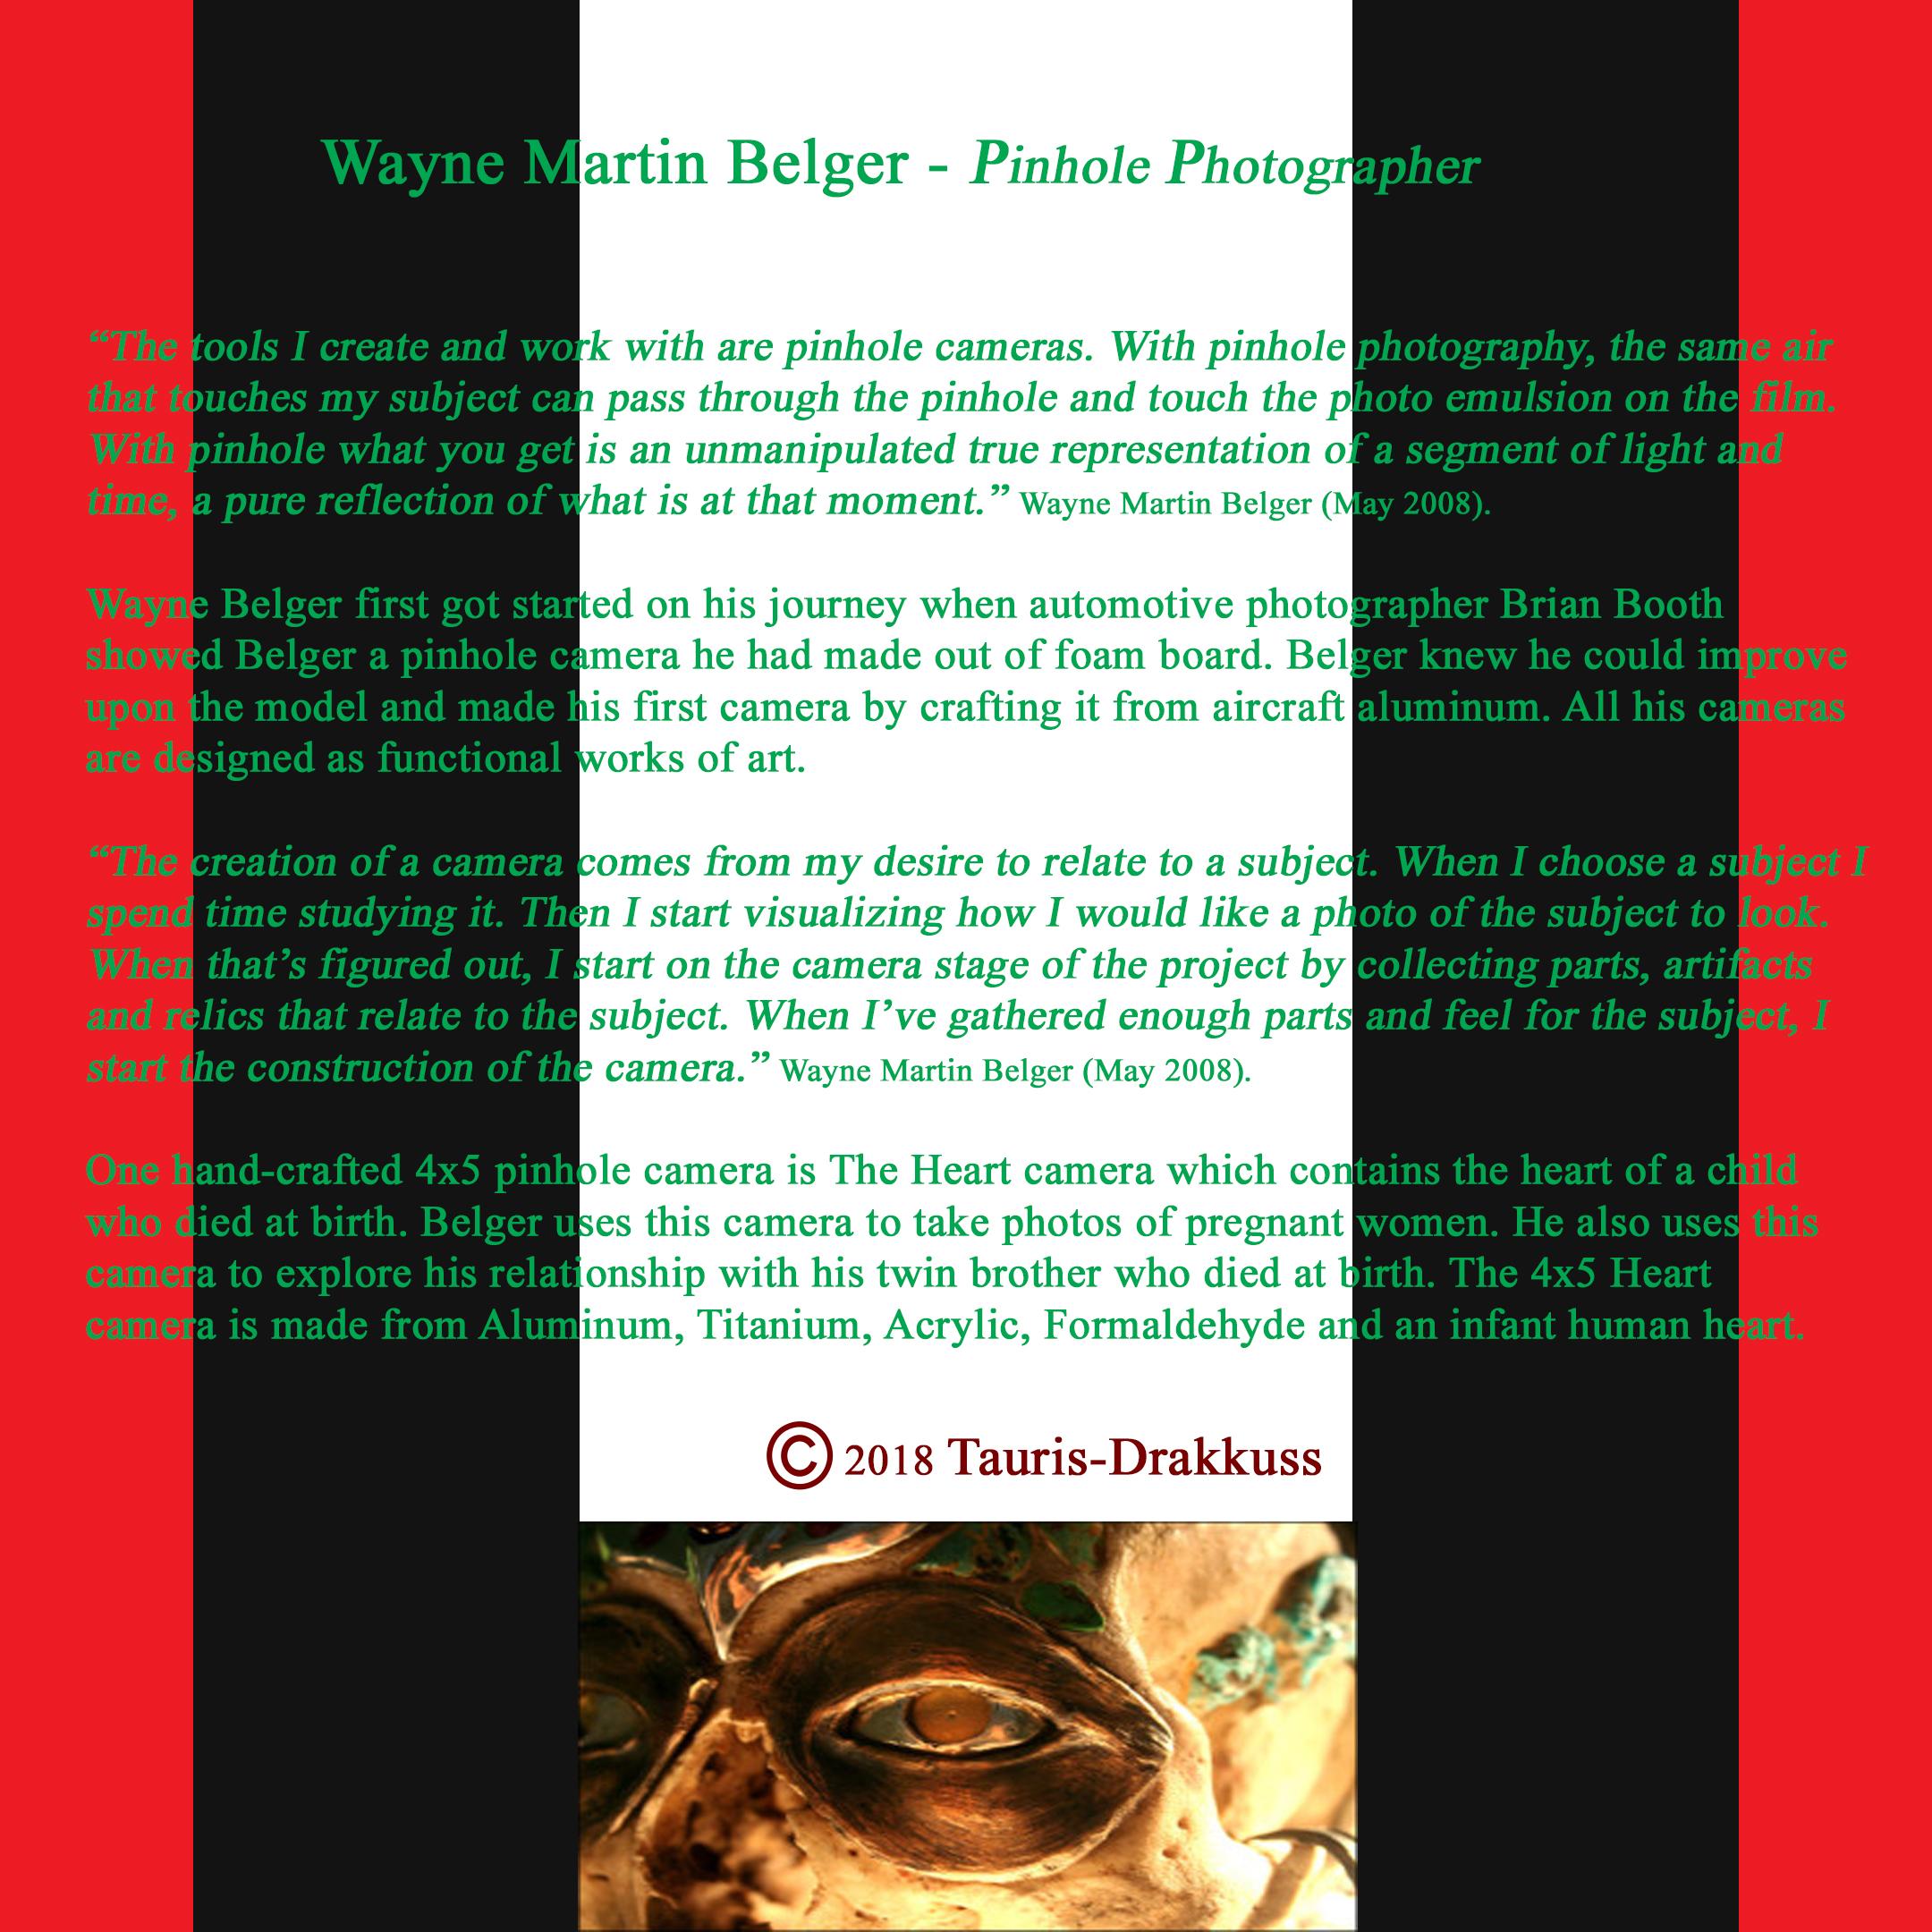 Wayne Martin Belger - Pinhole Photographer